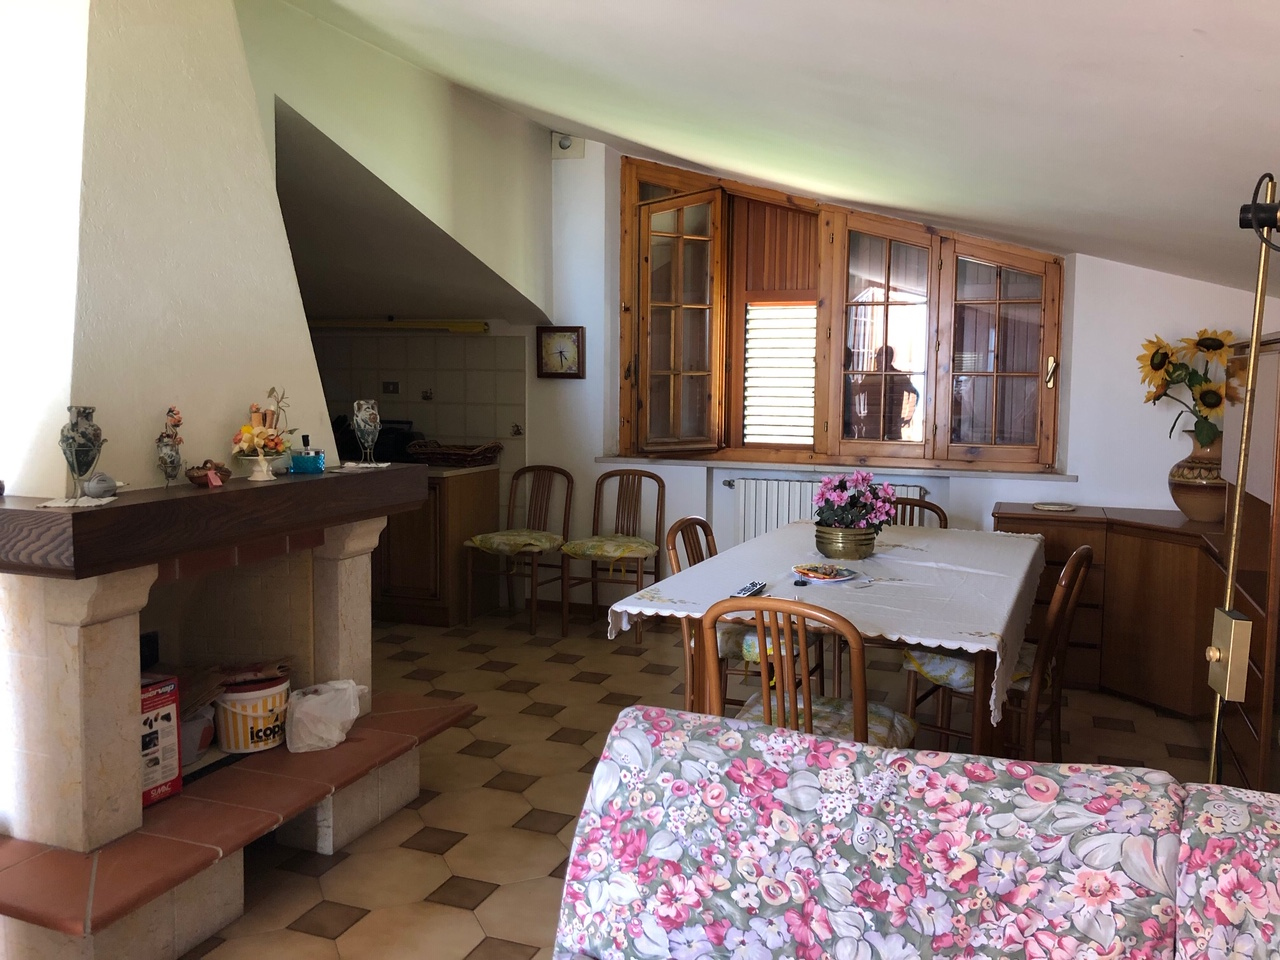 Attico / Mansarda in vendita a Montemarciano, 4 locali, prezzo € 140.000 | PortaleAgenzieImmobiliari.it